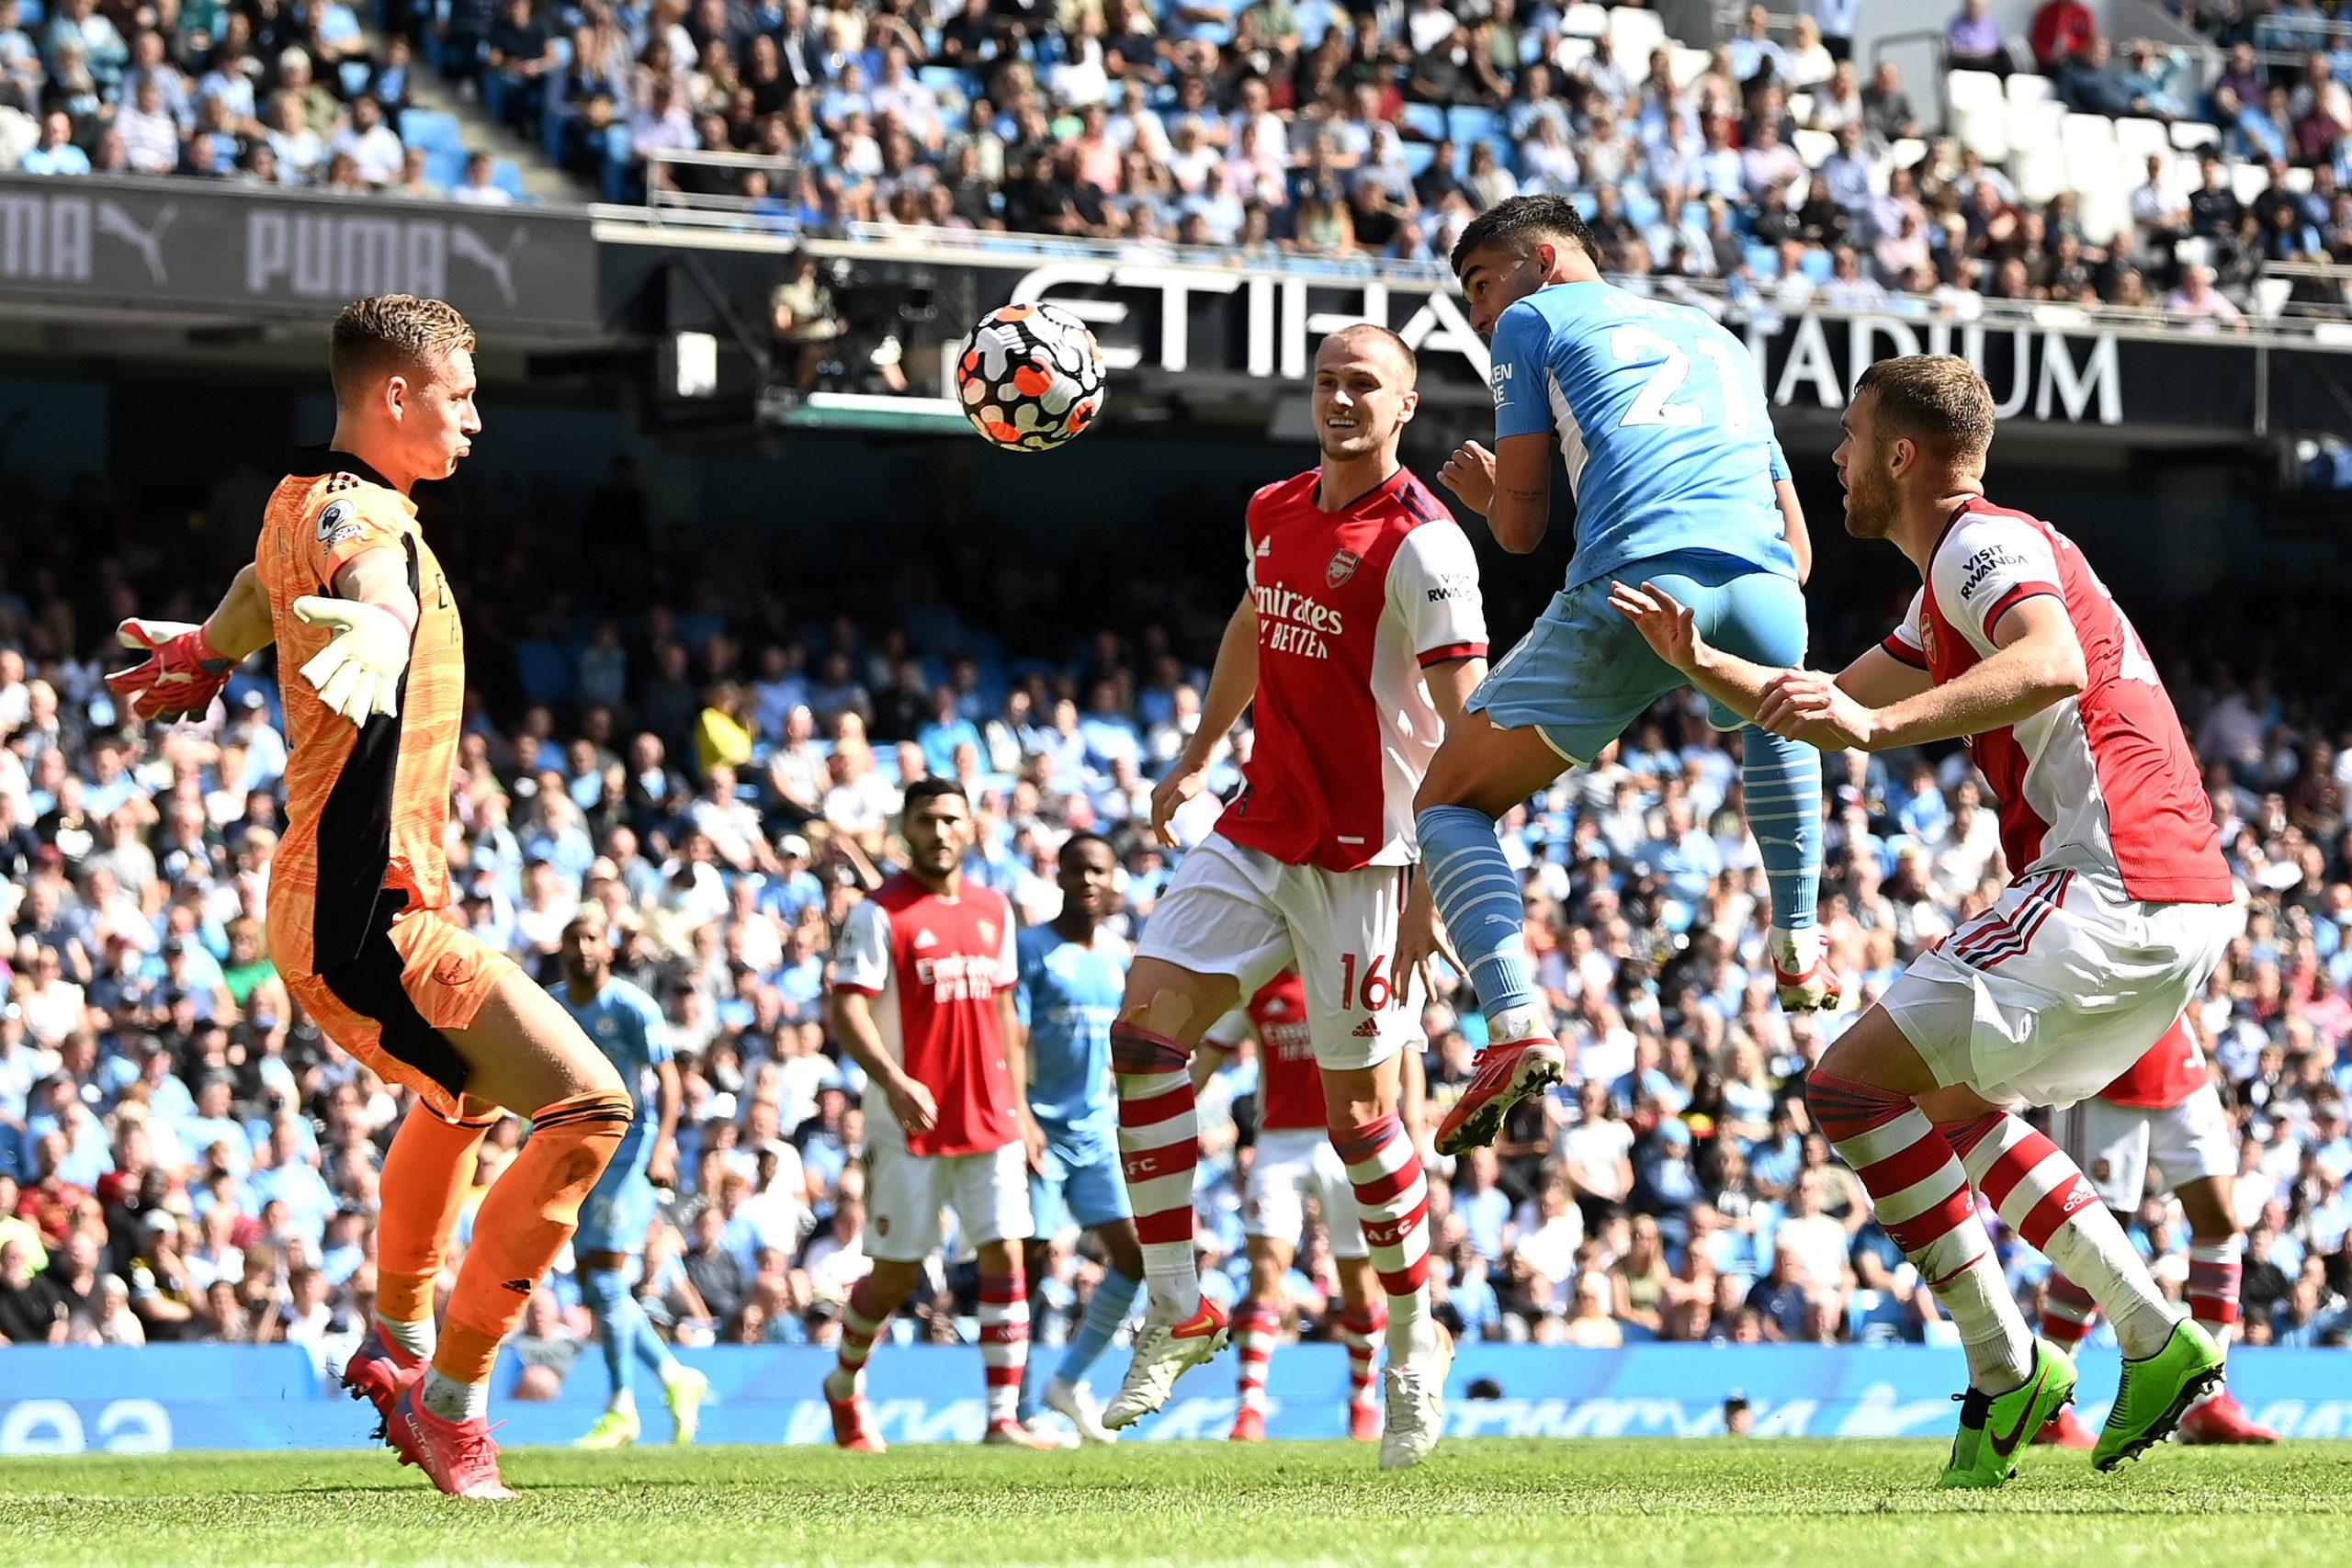 ไฮไลท์ฟุตบอล พรีเมียร์ลีก อังกฤษ แมนเชสเตอร์ ซิตี้ 5-0 อาร์เซนอล